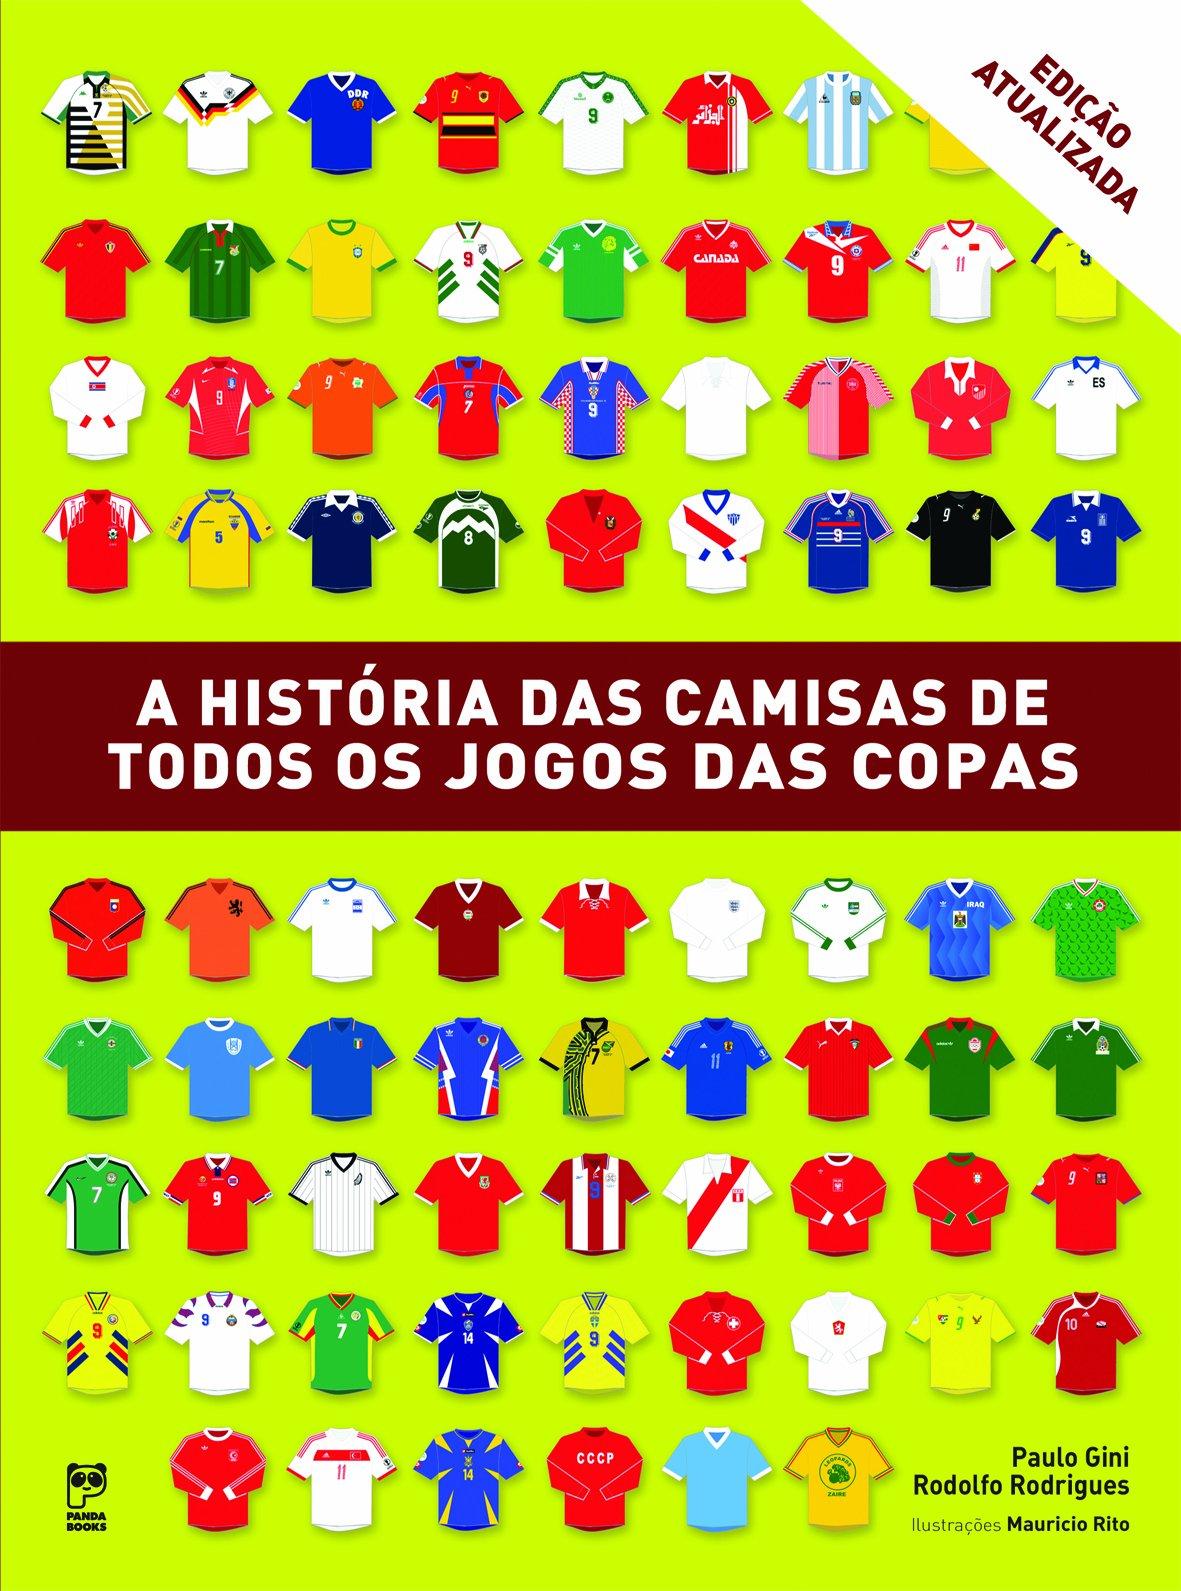 História das Camisas de Todos os Jogos das Copas - 9788578883362 - Livros  na Amazon Brasil db0652d9af0cc